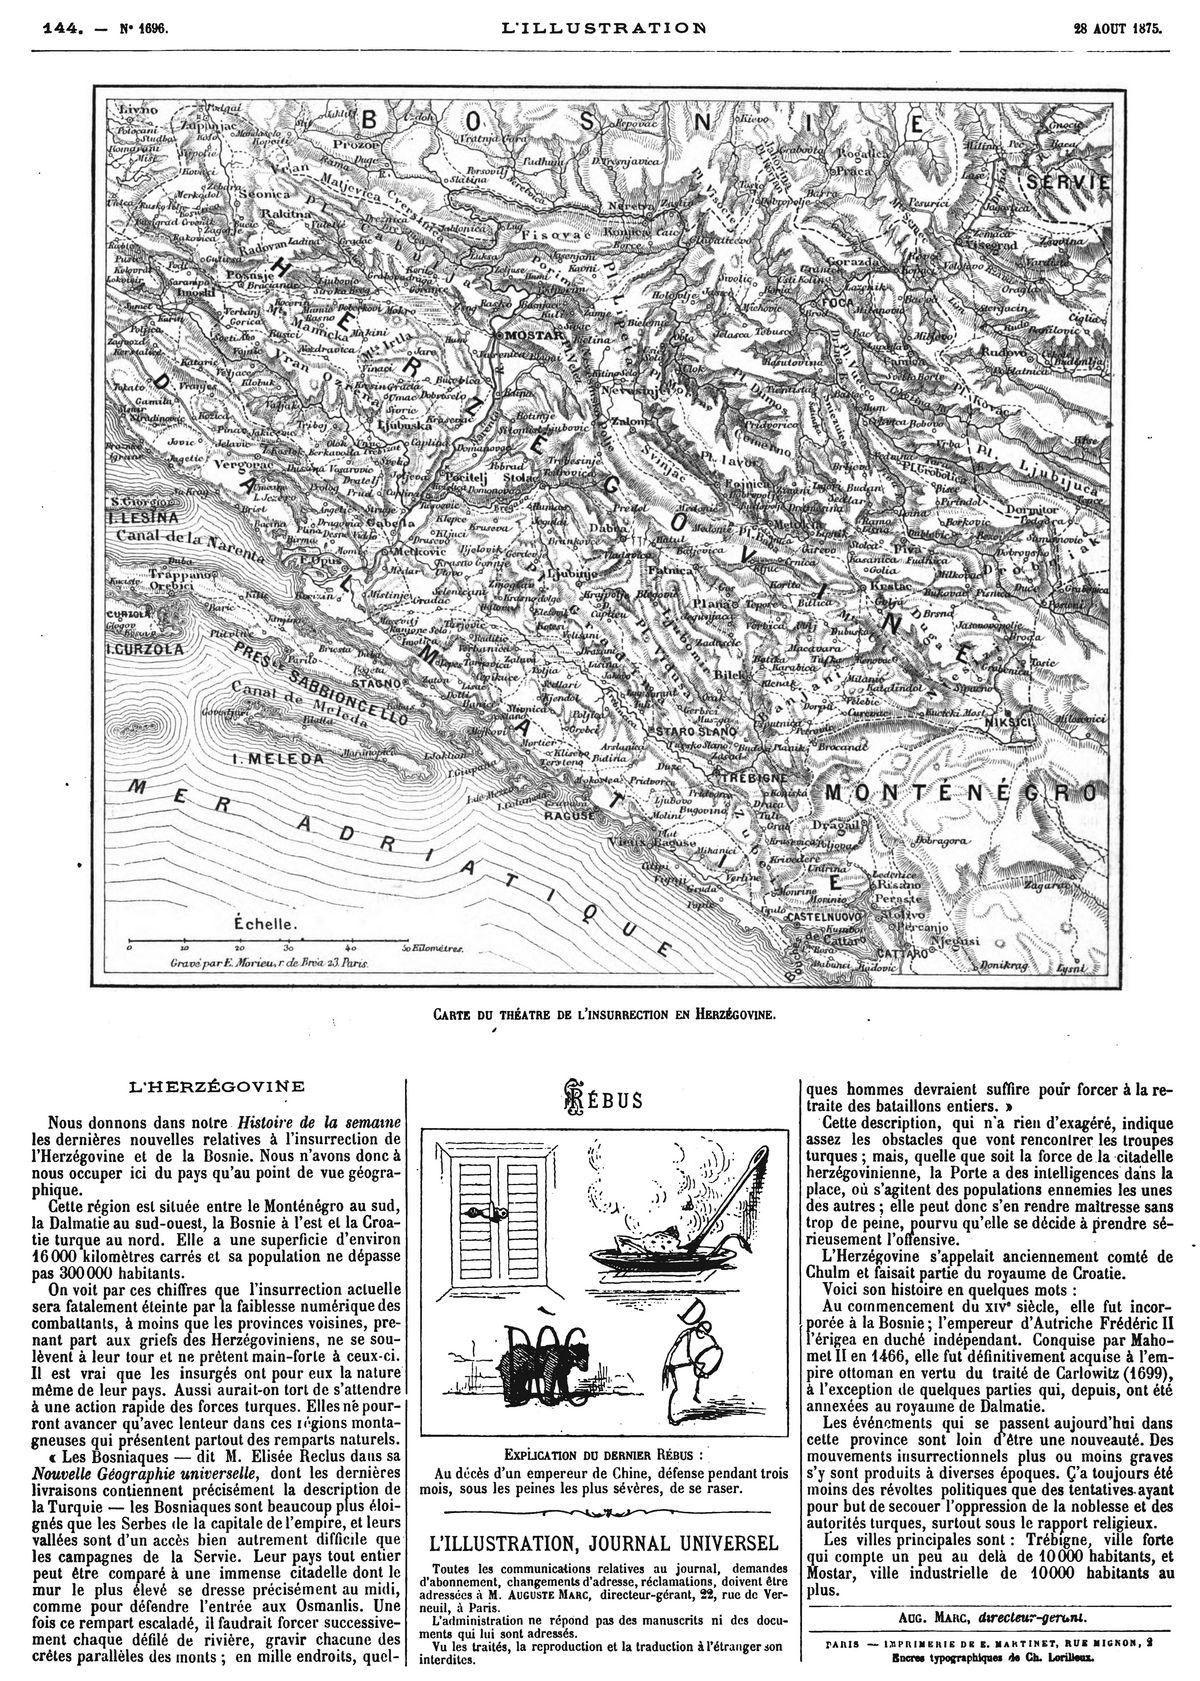 Carte de l'Herzégovine. 1875